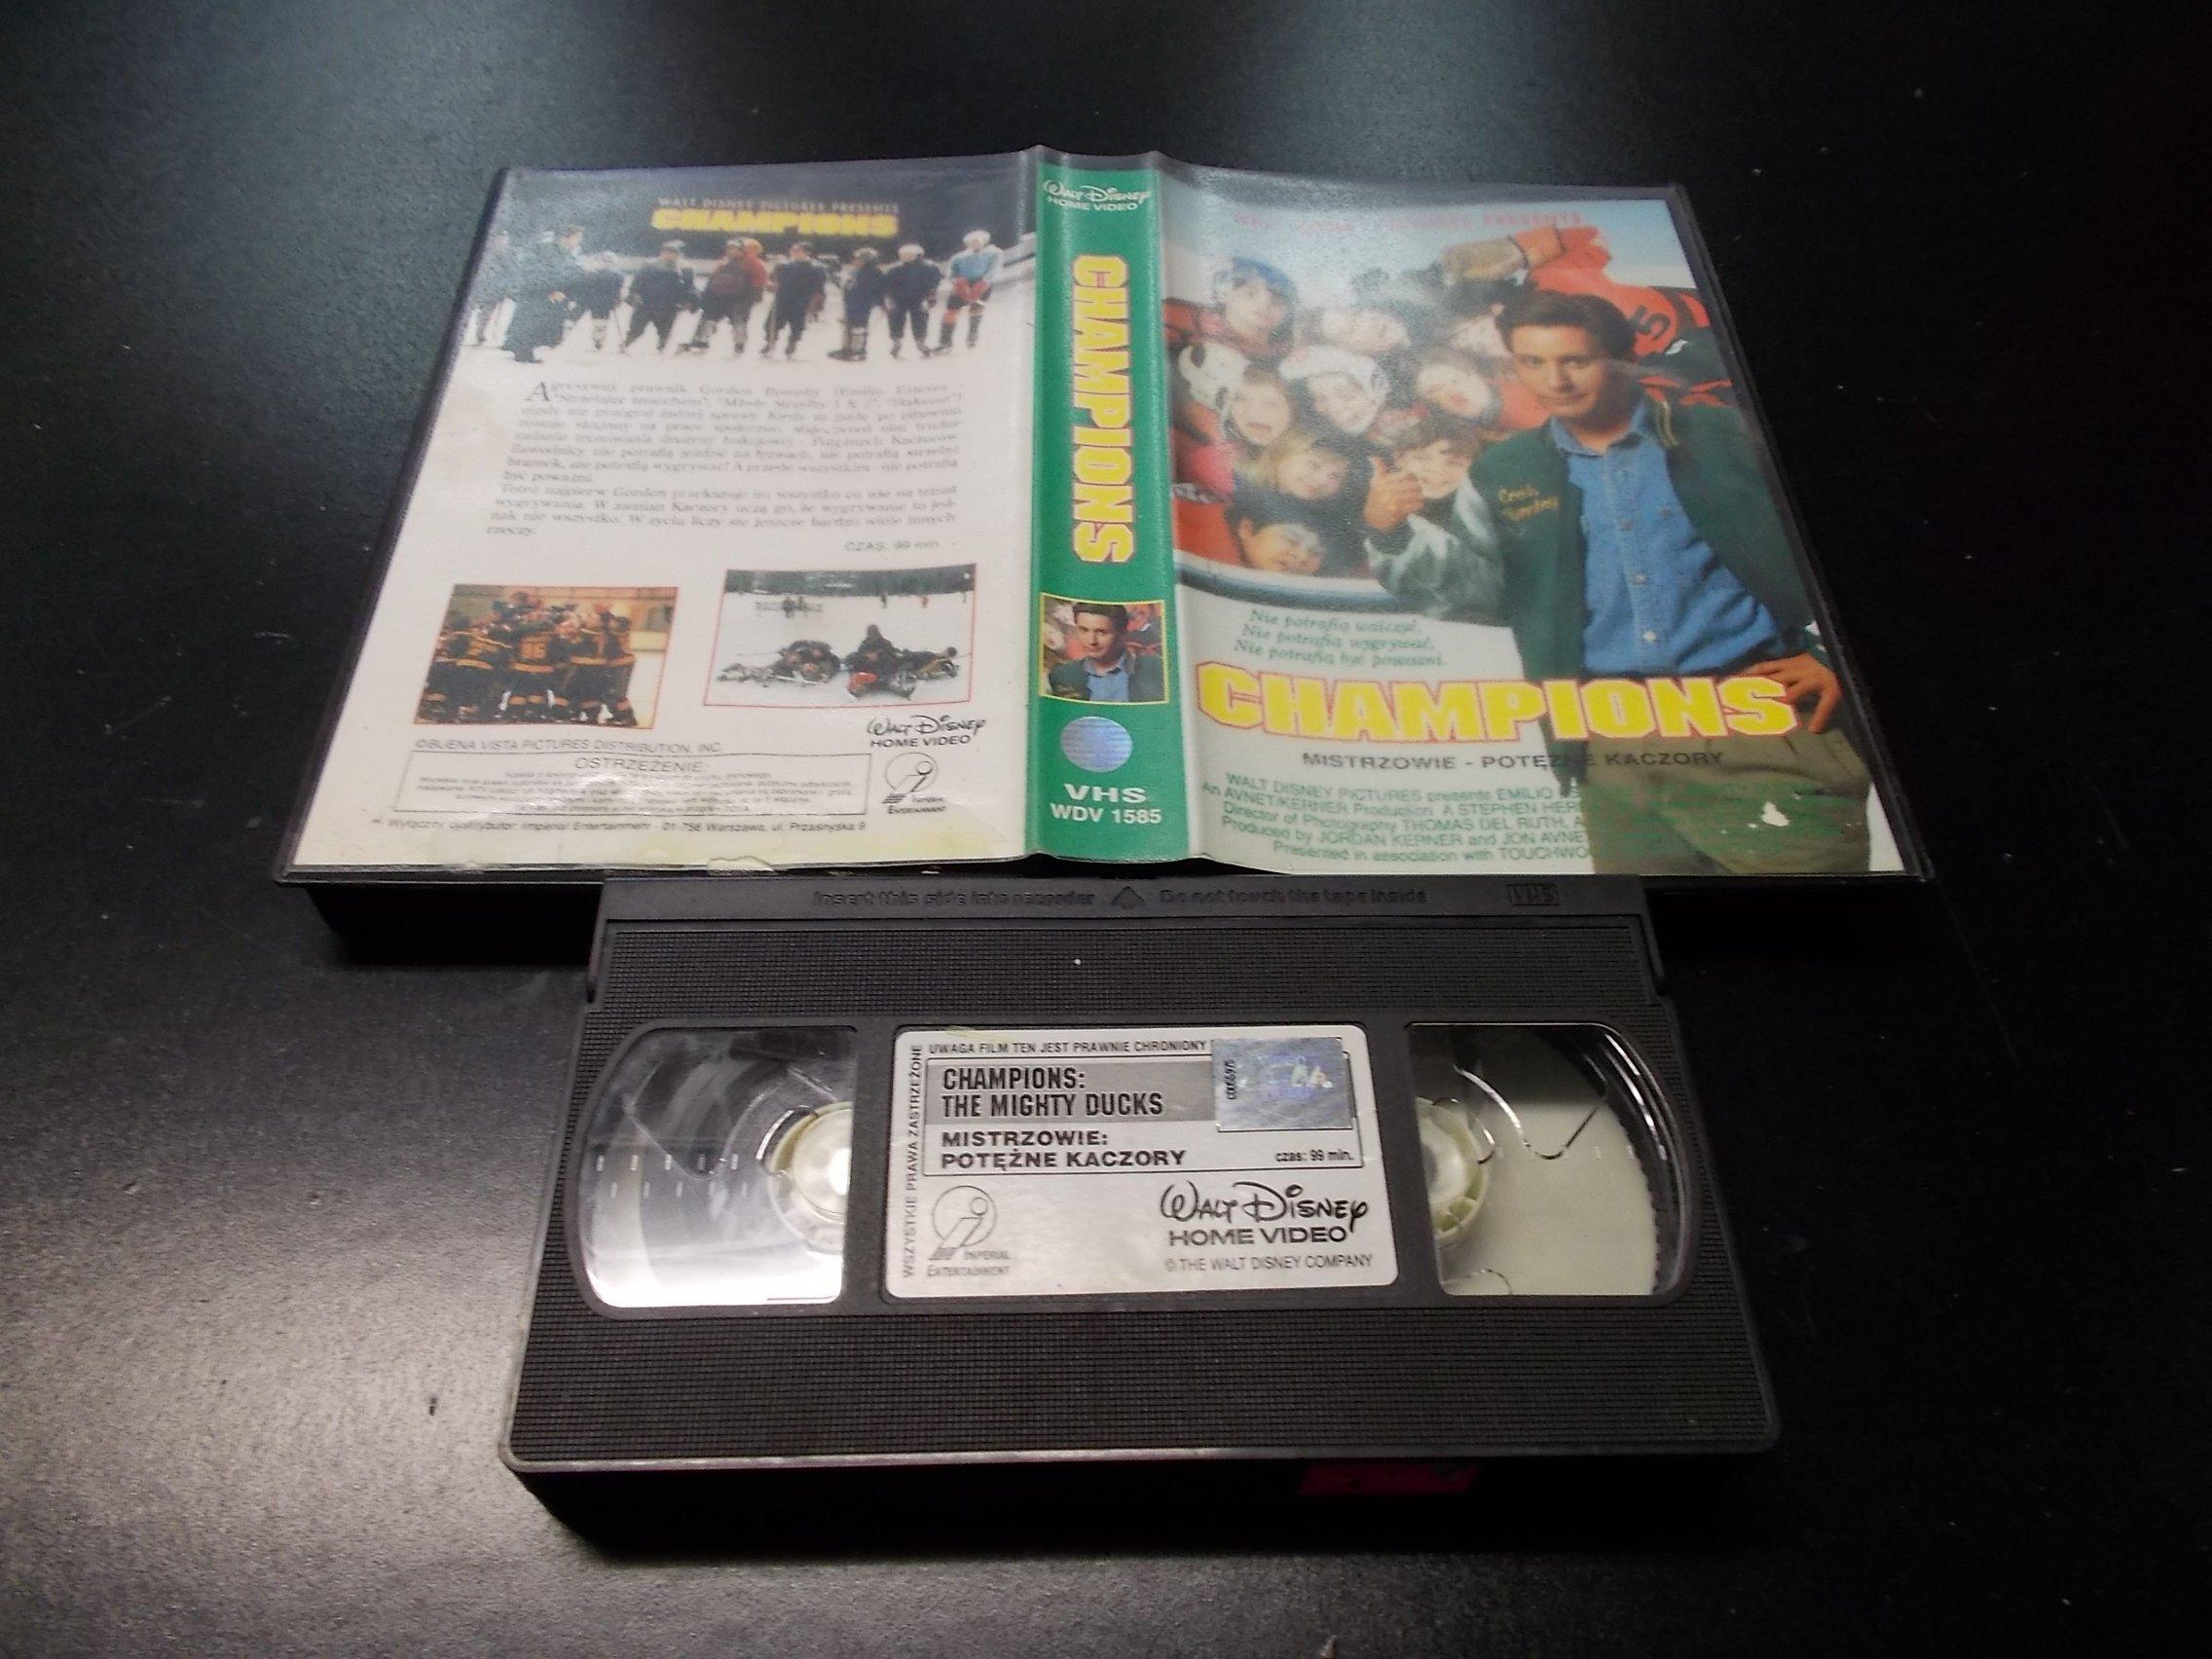 MISTRZOWIE POTĘŻNE KACZORY -  kaseta Video VHS - 1313 Opole - AlleOpole.pl